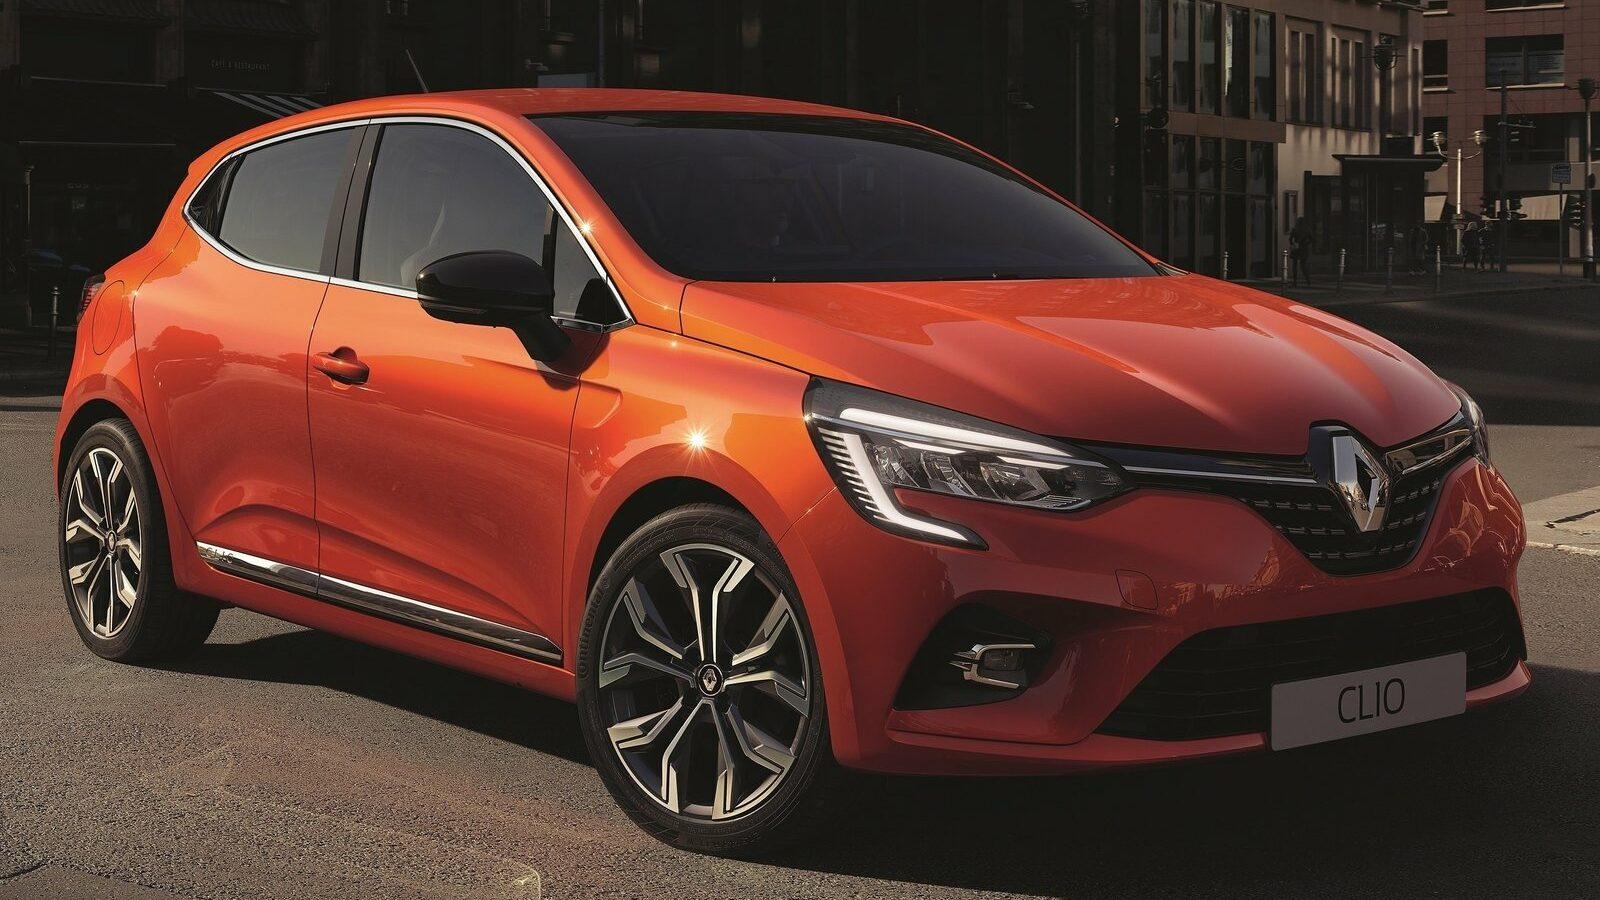 Renault Clio dci 2021